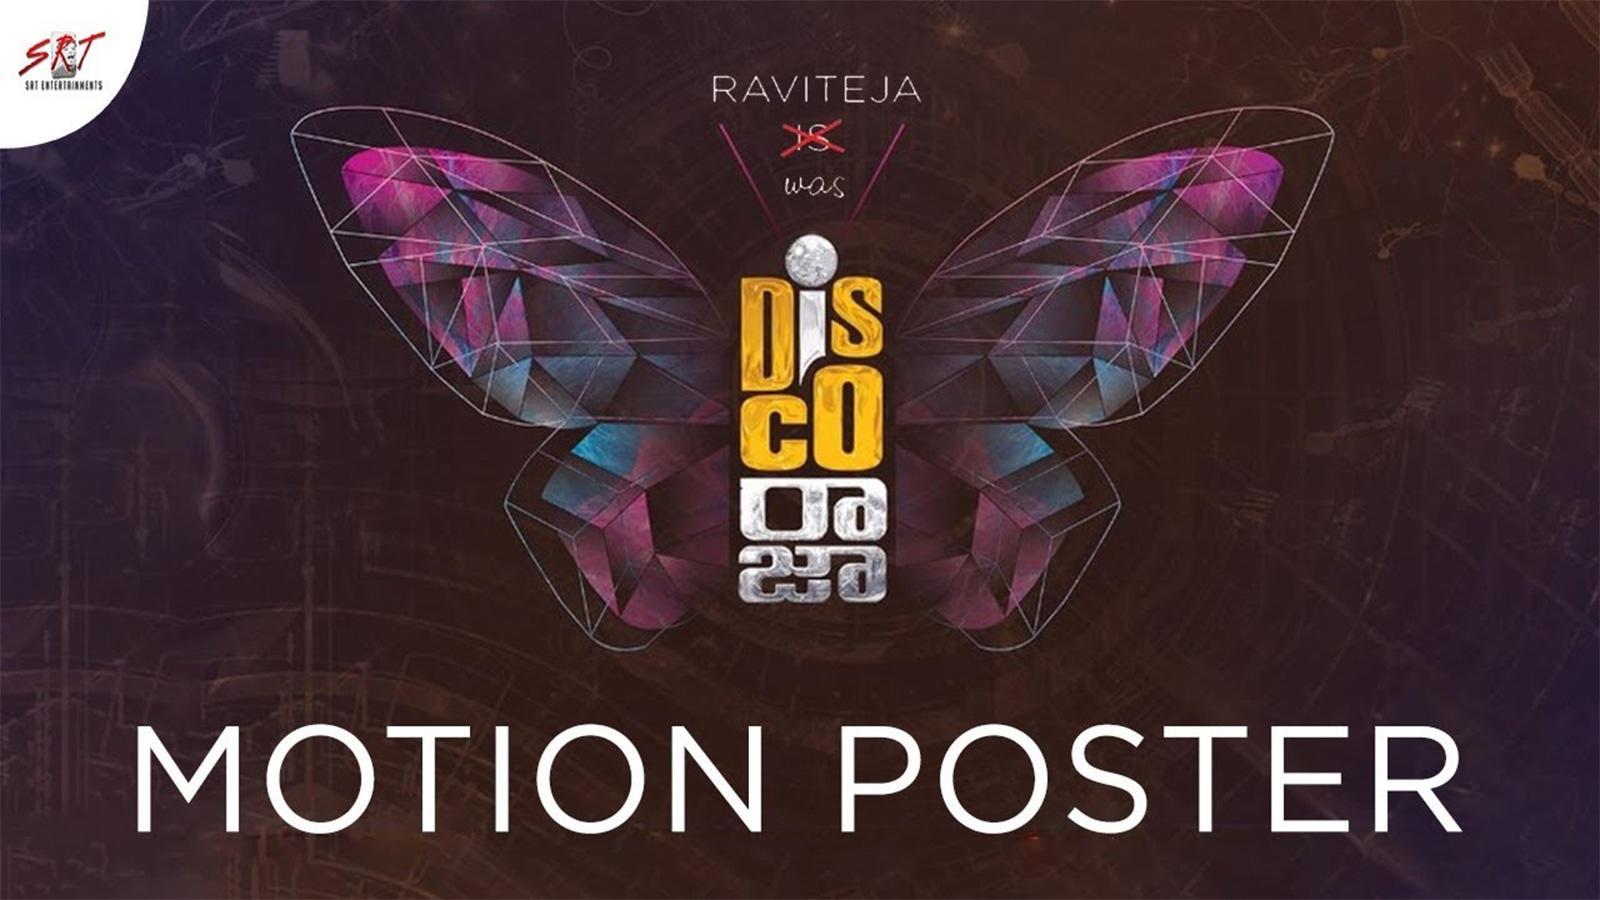 Disco Raja - Motion Poster   Telugu Movie News - Times of India